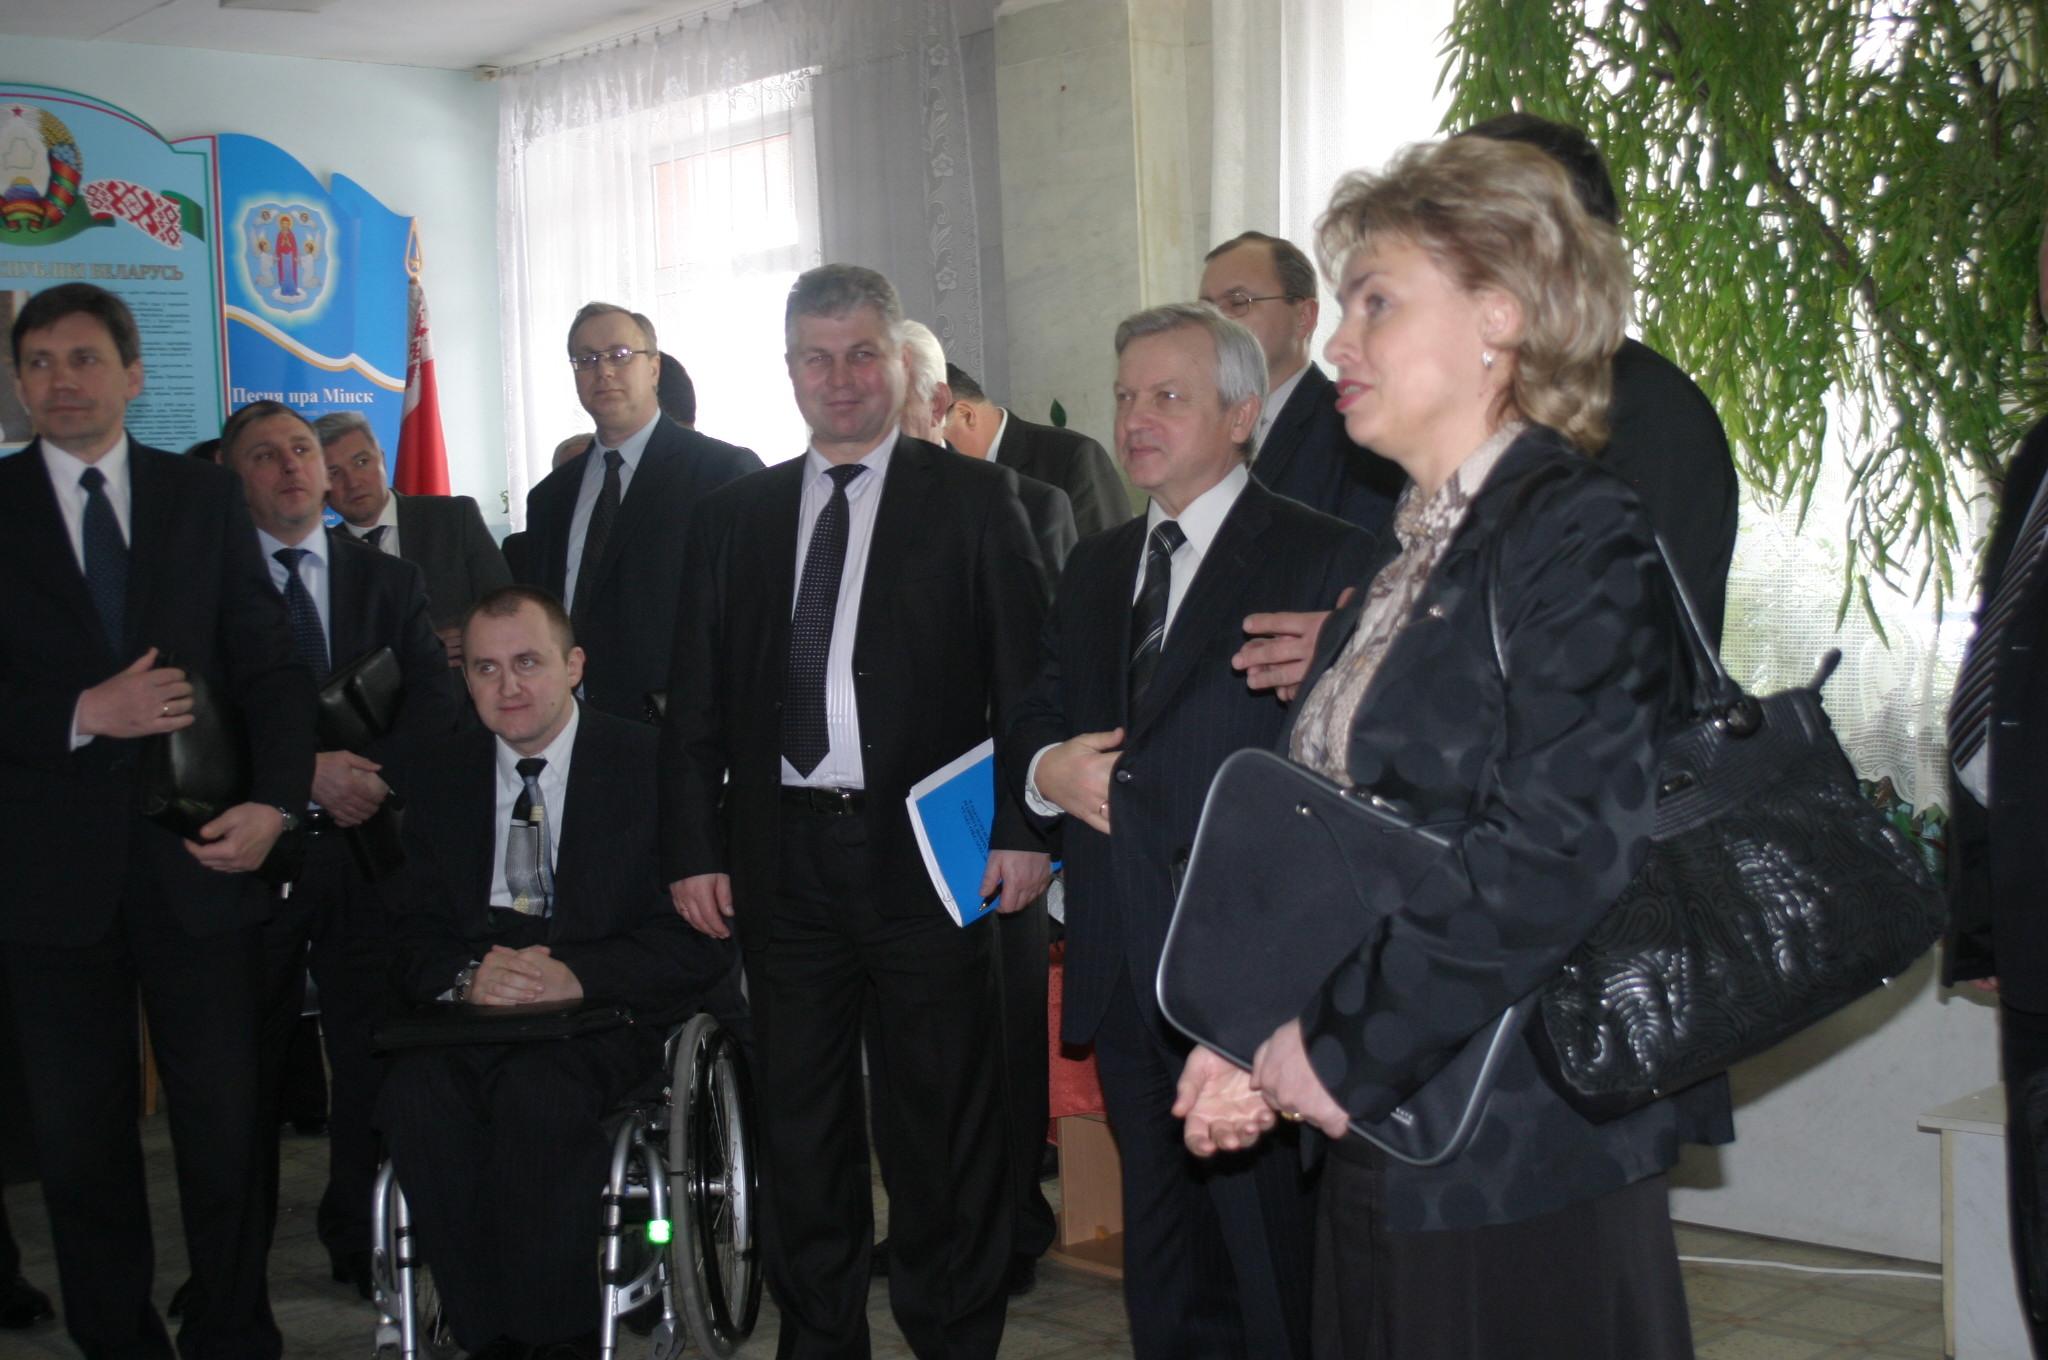 Состоялось заседание Республиканского межведомственного совета по проблемам инвалидов под председательством Анатолия Тозика